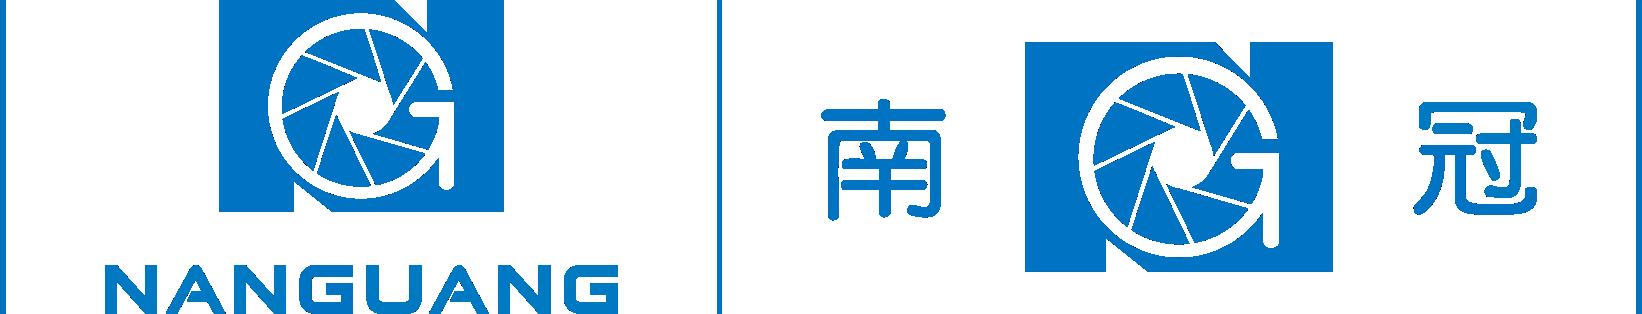 广东千亿体育登录千亿体育网址平台千亿国际登录网页有限公司